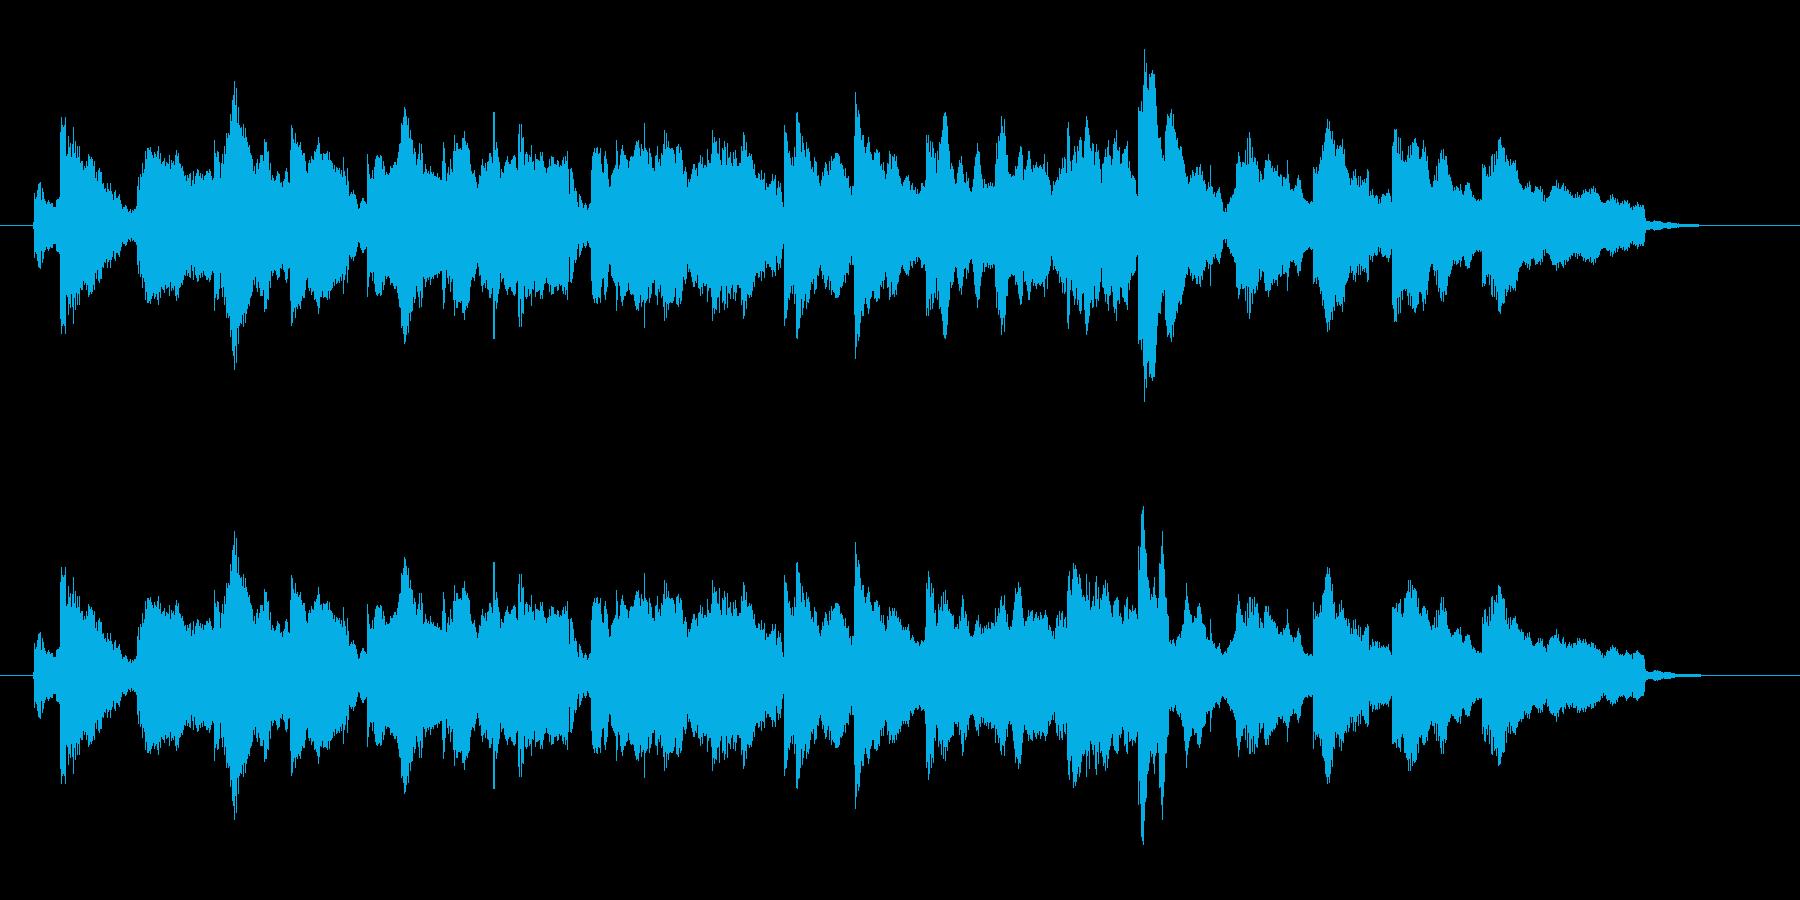 何かのイントロ的要素の短曲の再生済みの波形